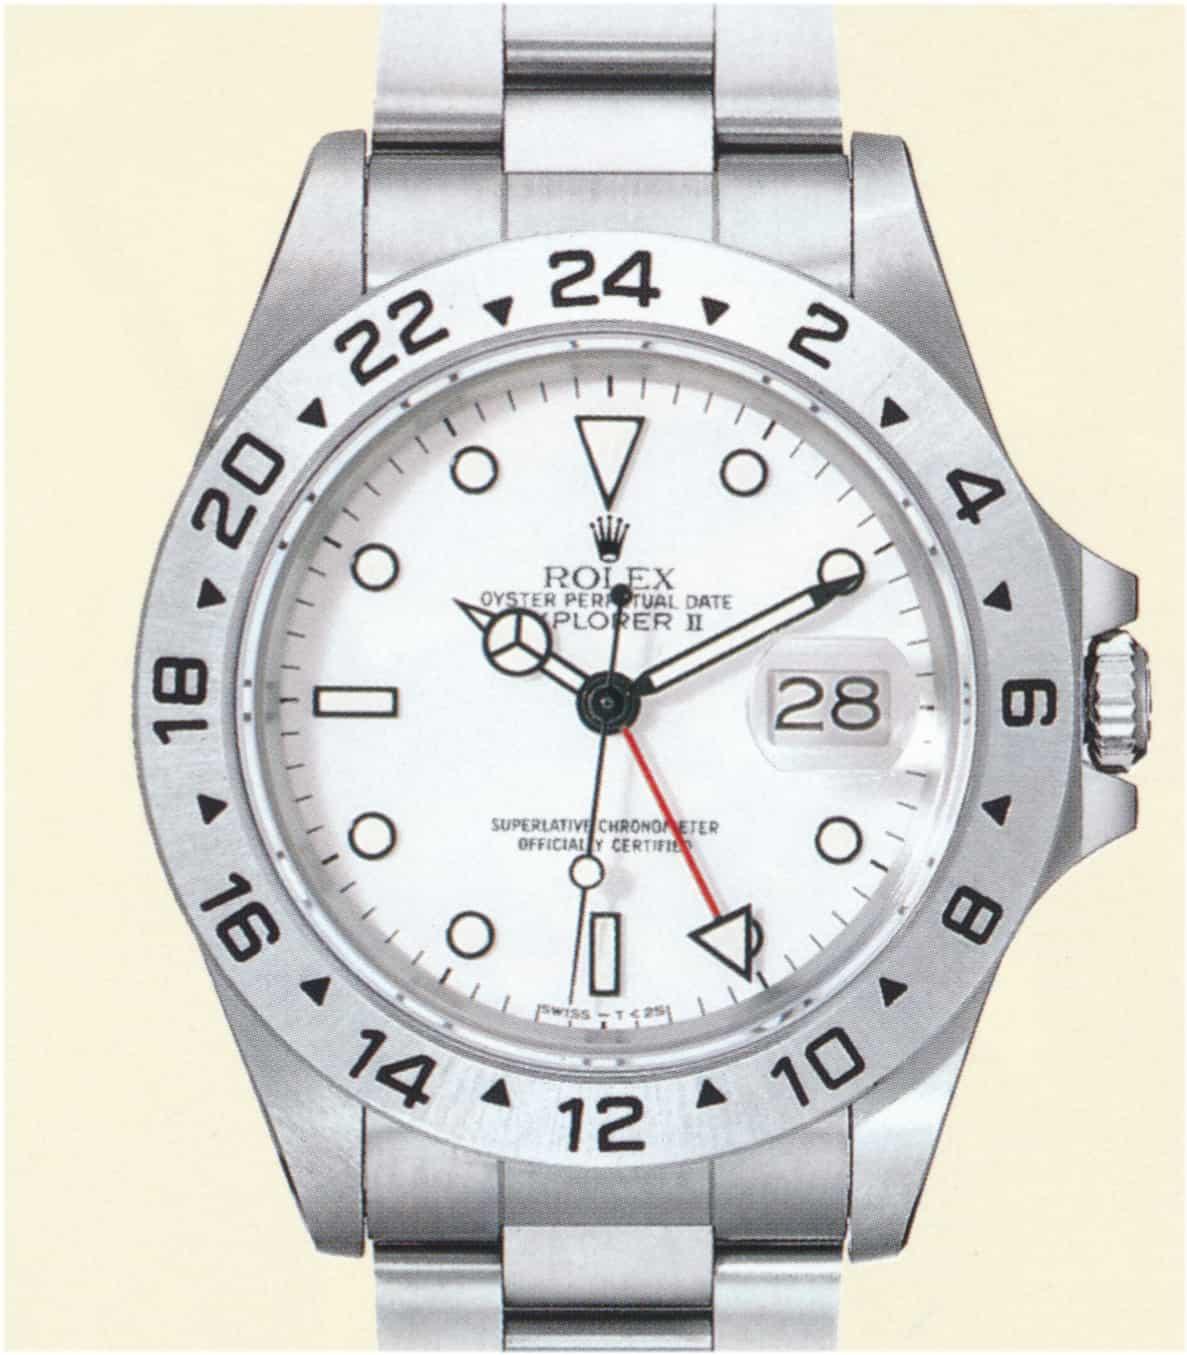 Rolex Explorer II Referenz 16570 1. Generation Tritium 25 Zifferblatt Polar weiss Preis 1990 3450 Deutsche Mark